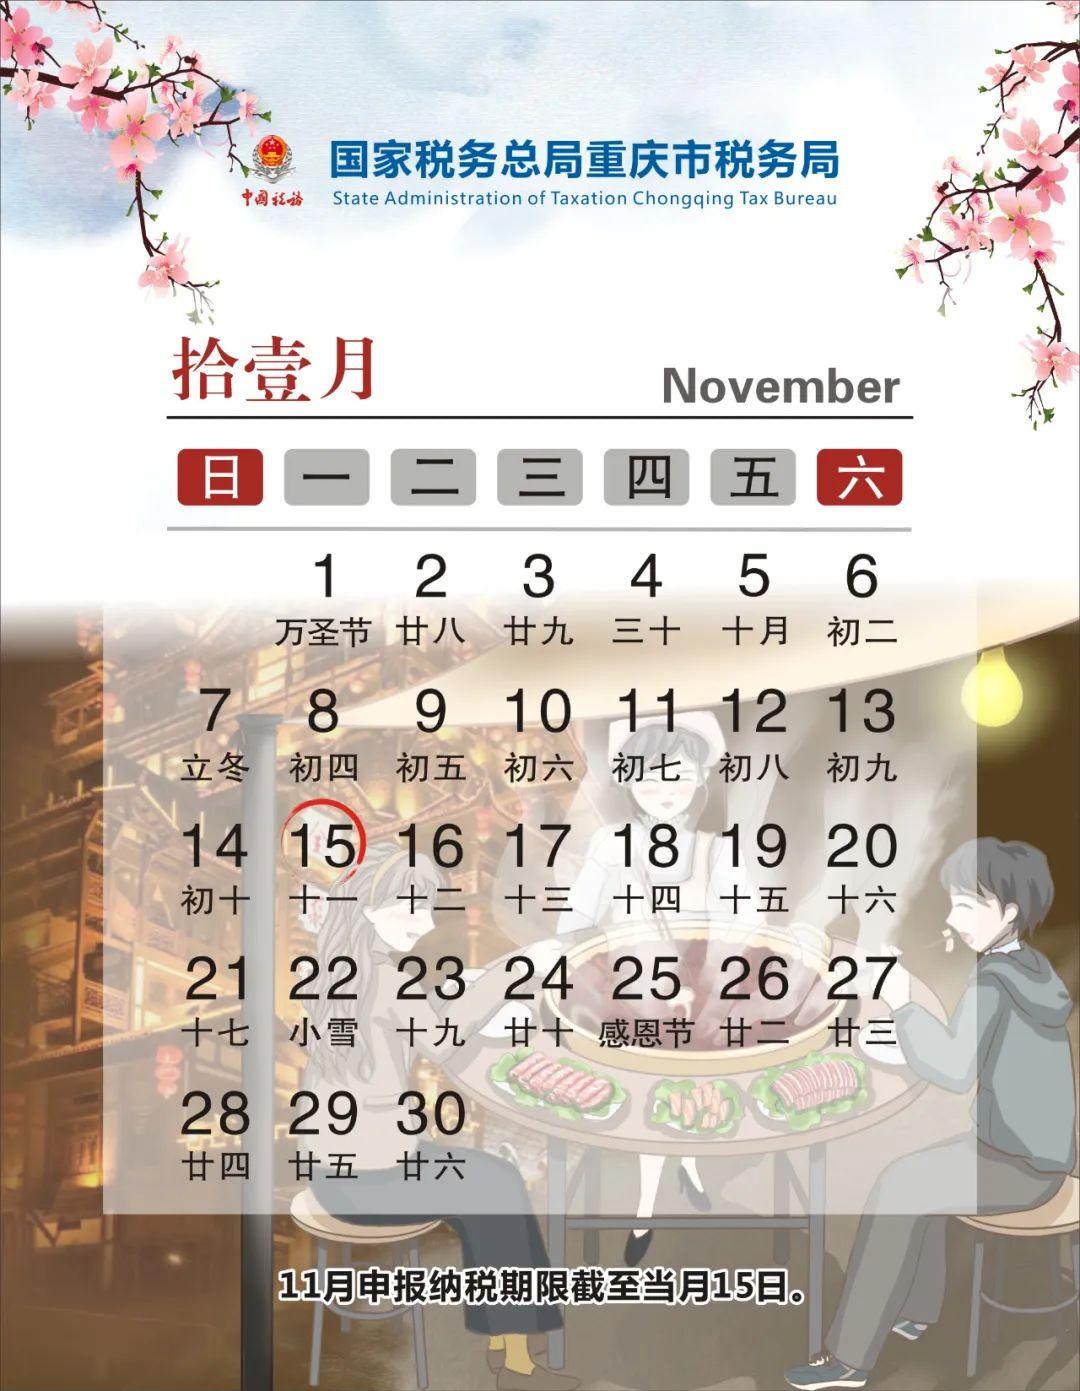 2021年11月纳税申报日历,请注意2021年11月份申报截止日期